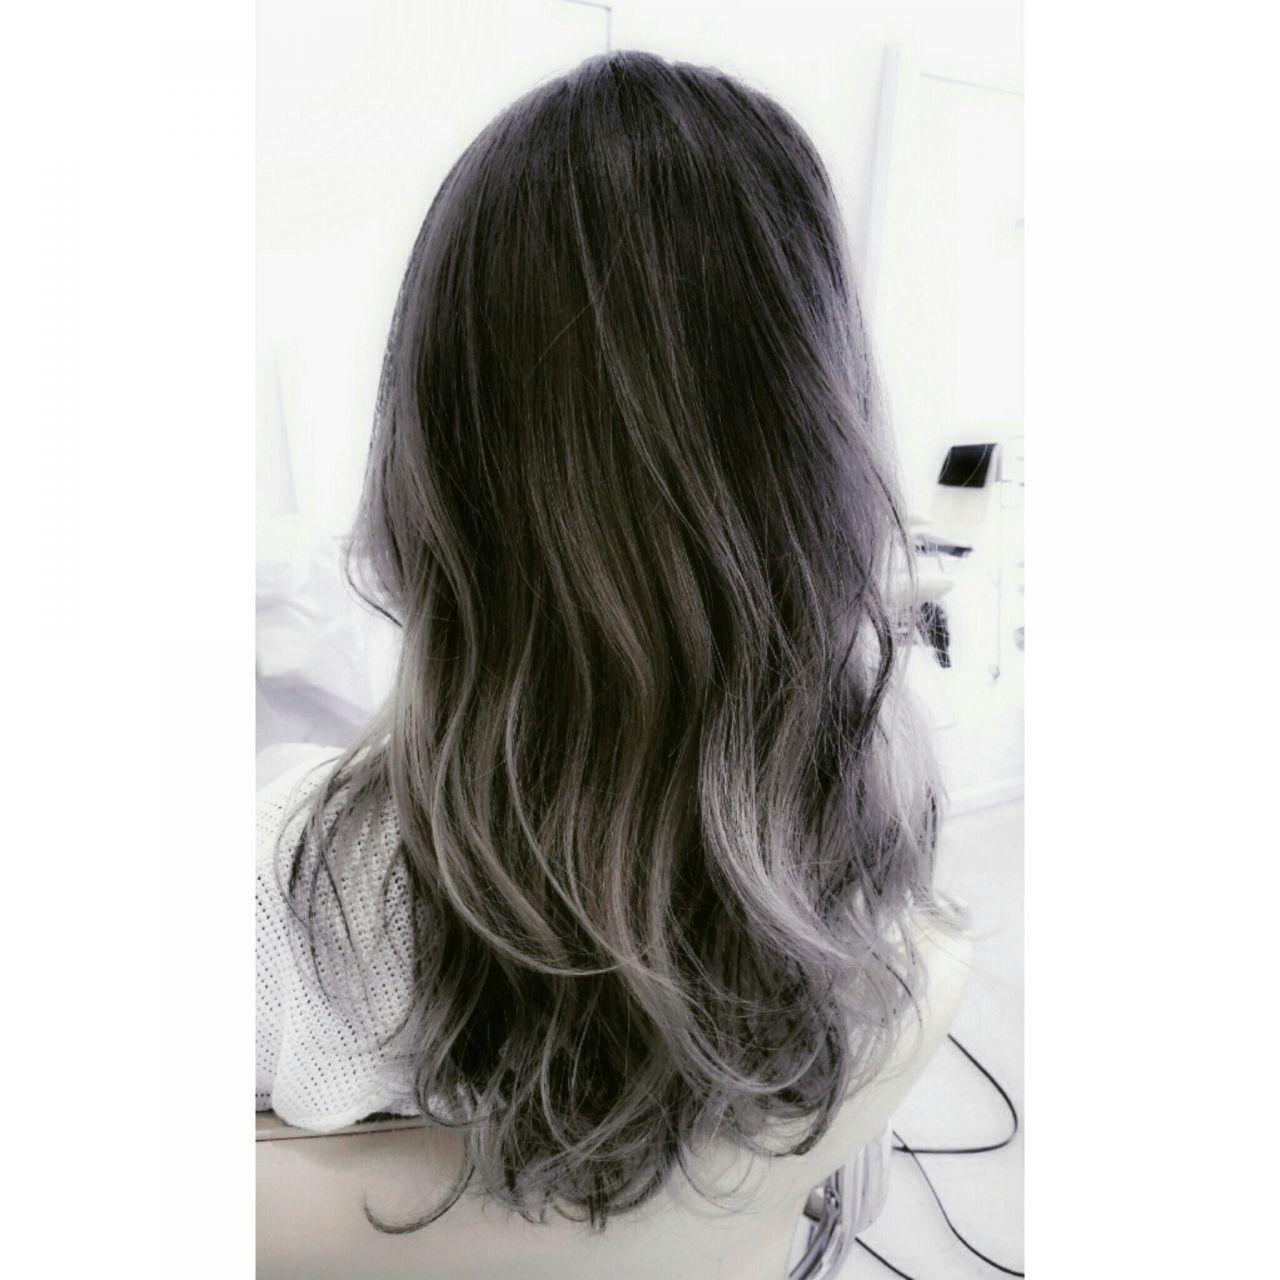 ロング パンク 外国人風 アッシュ ヘアスタイルや髪型の写真・画像 | 白川 知博 / KEYMAN